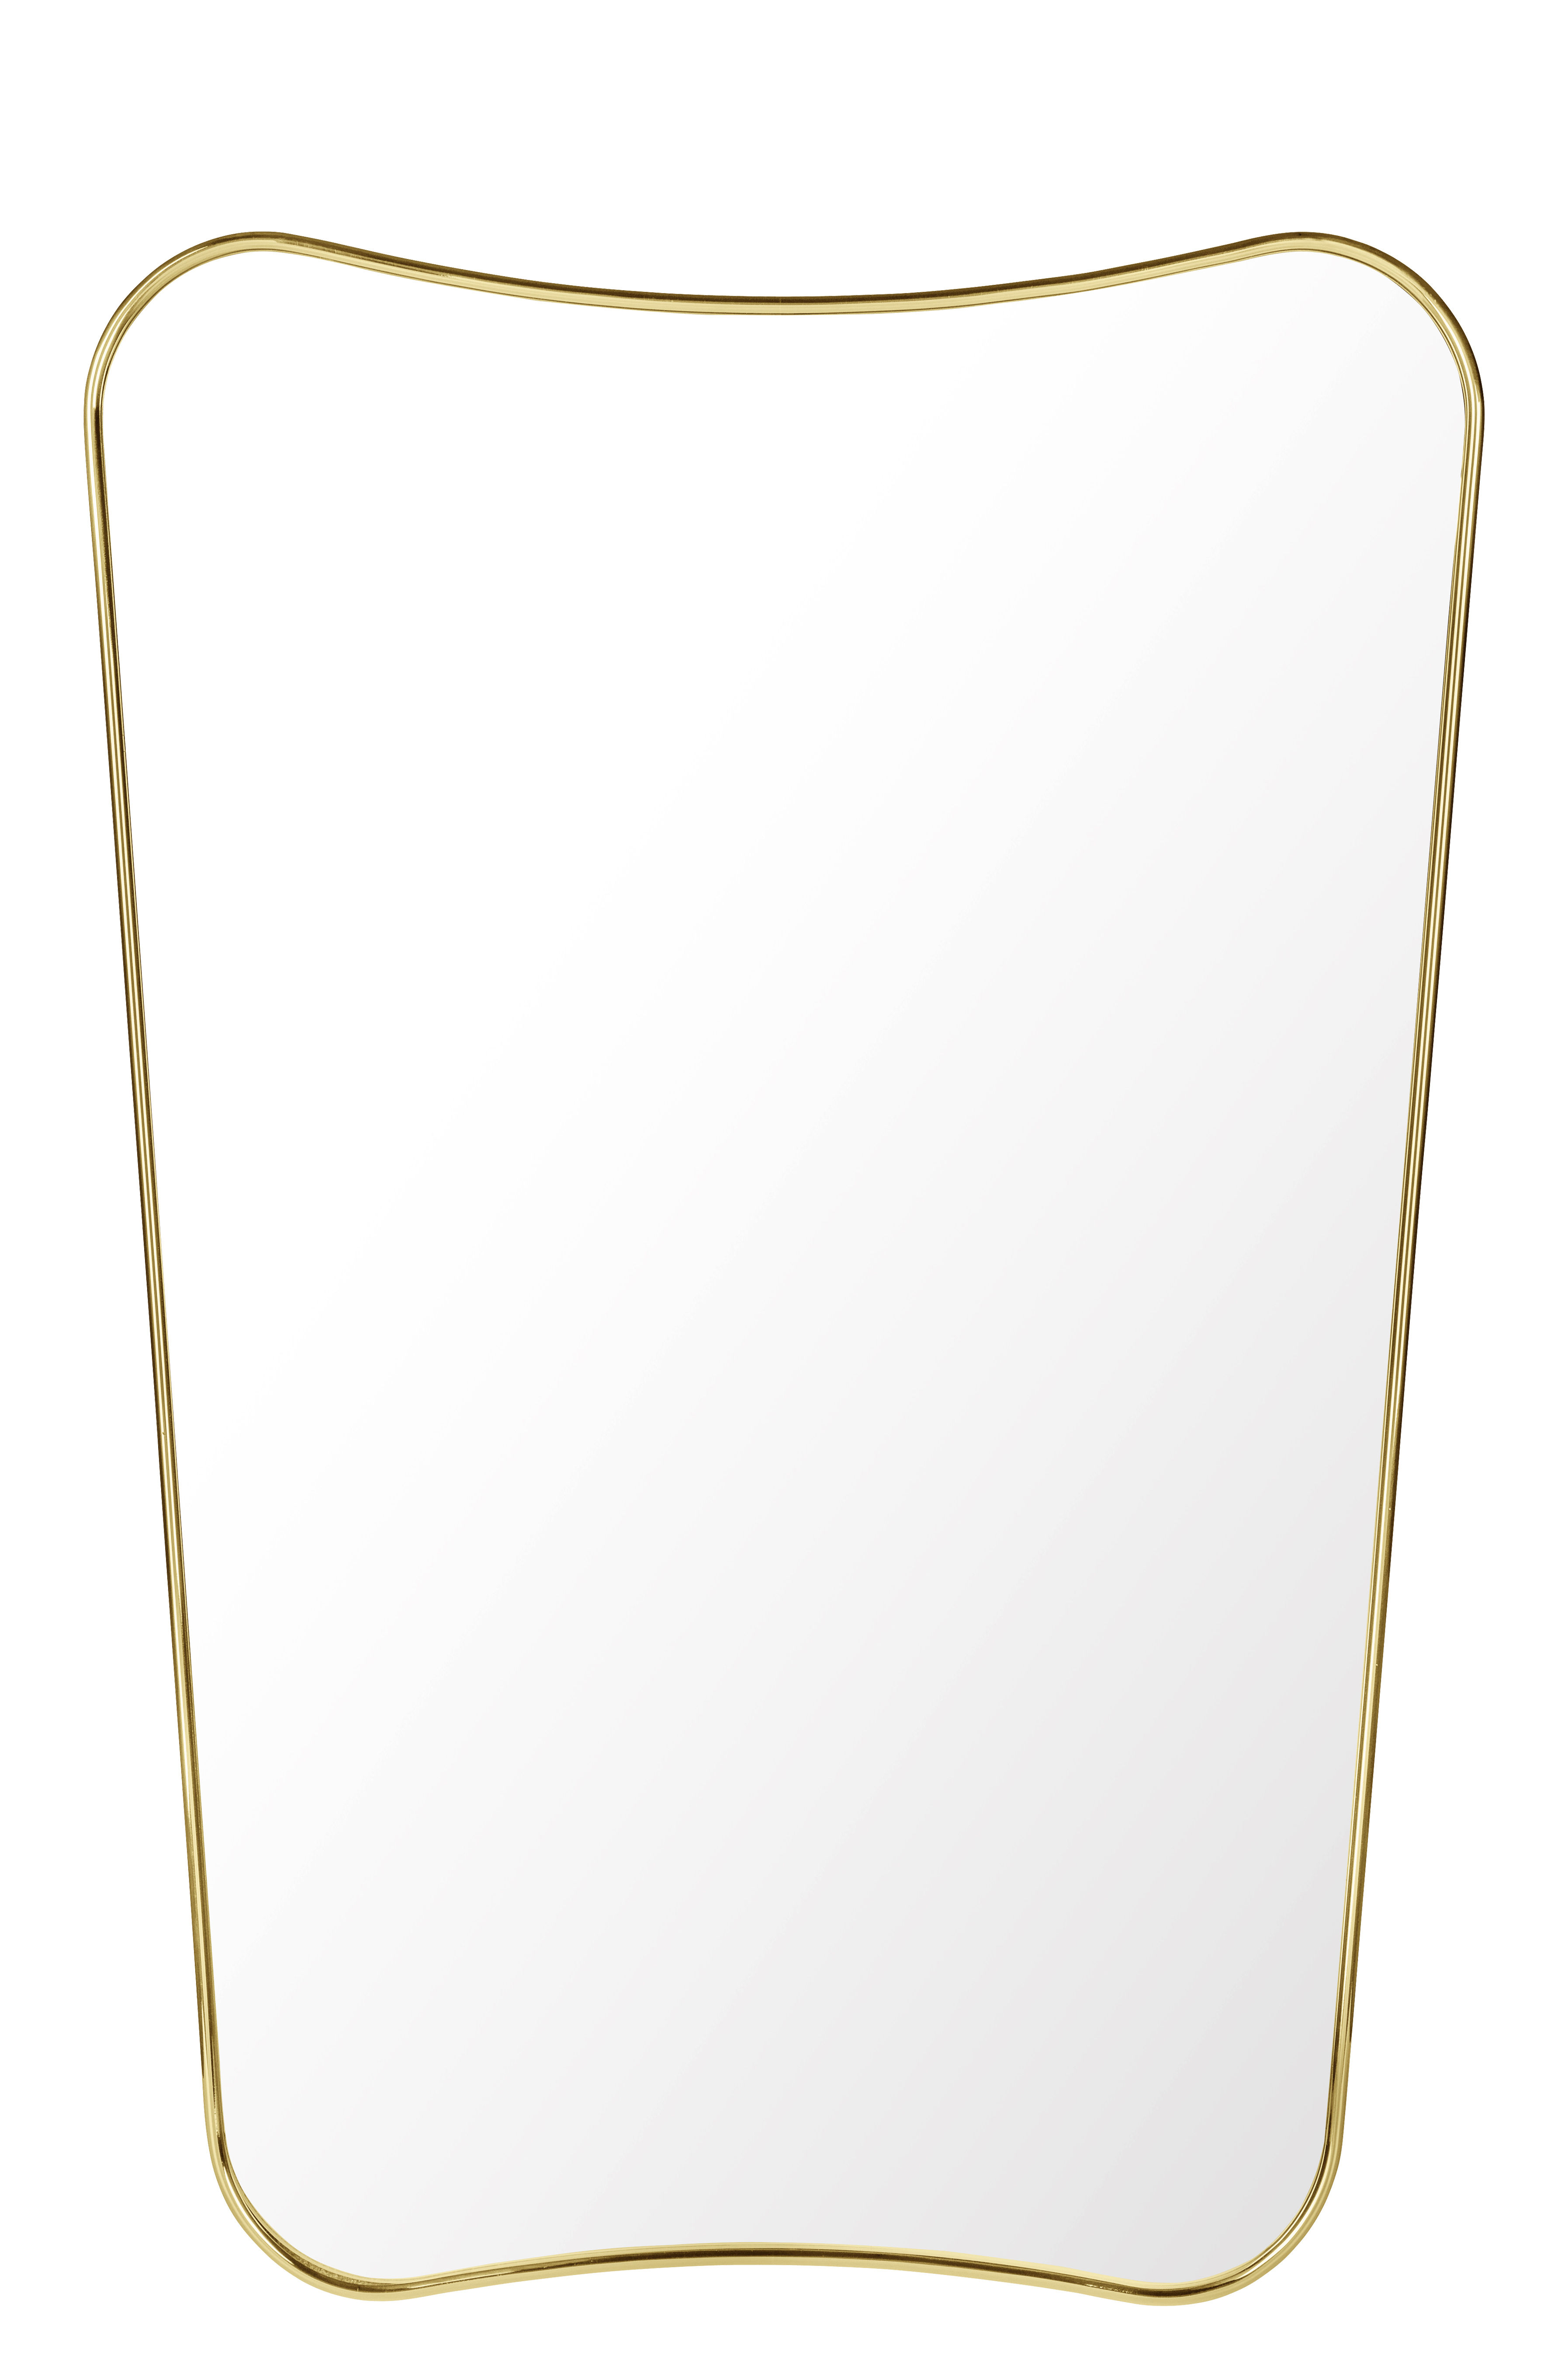 Déco - Miroirs - Miroir mural F.A.33 /  Gio Ponti - L 54 x H 80 cm - Gubi - Laiton - Laiton